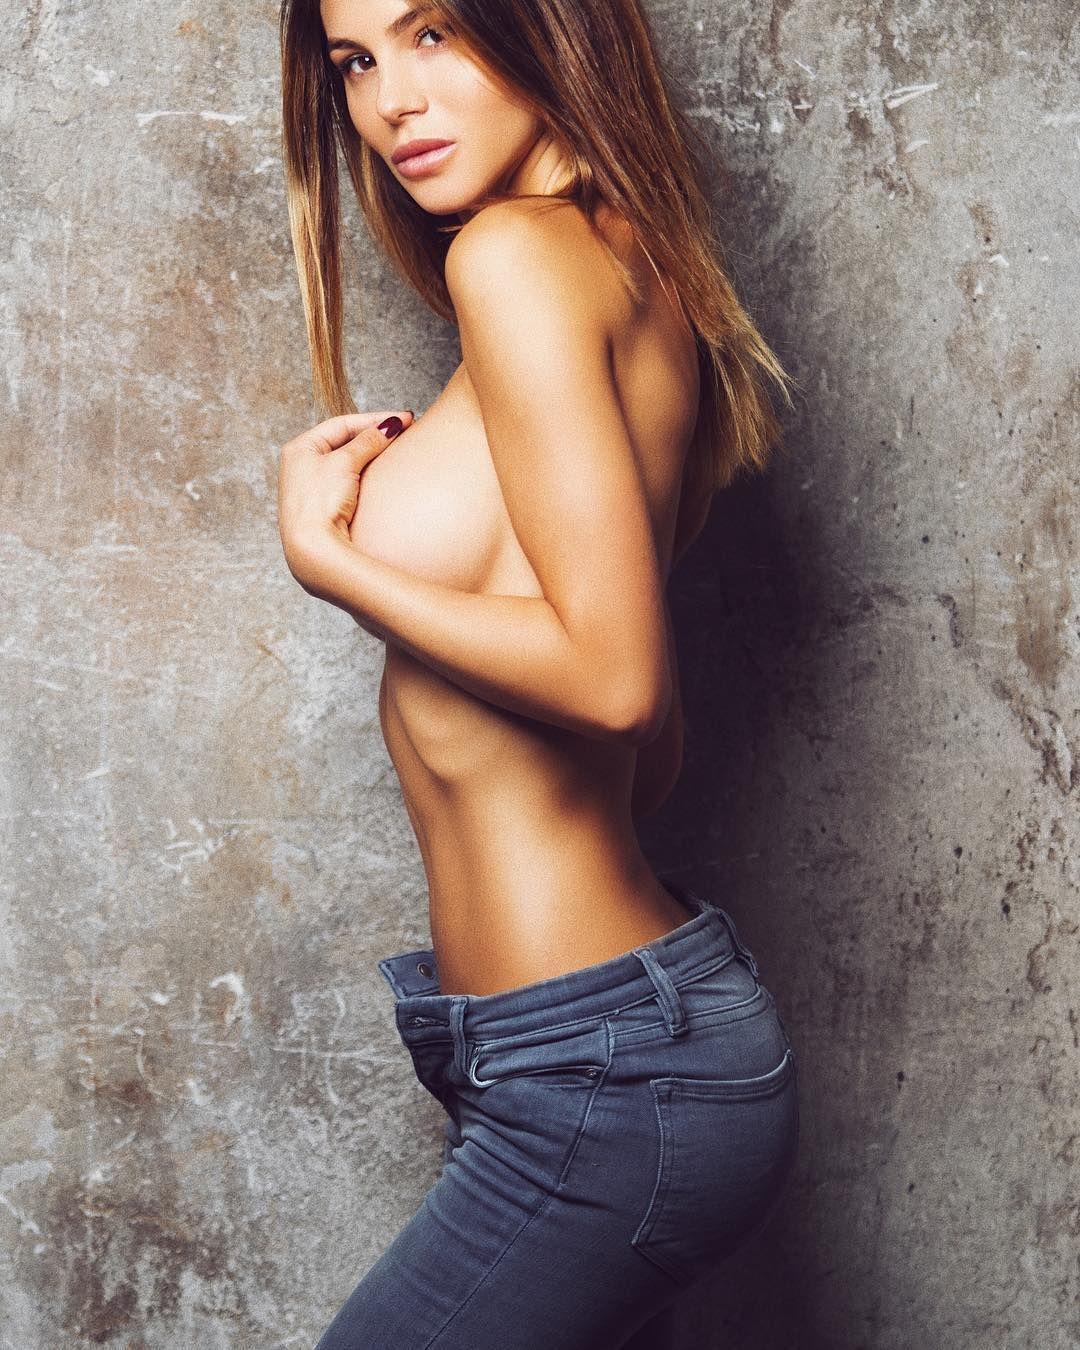 Sara james nude sex